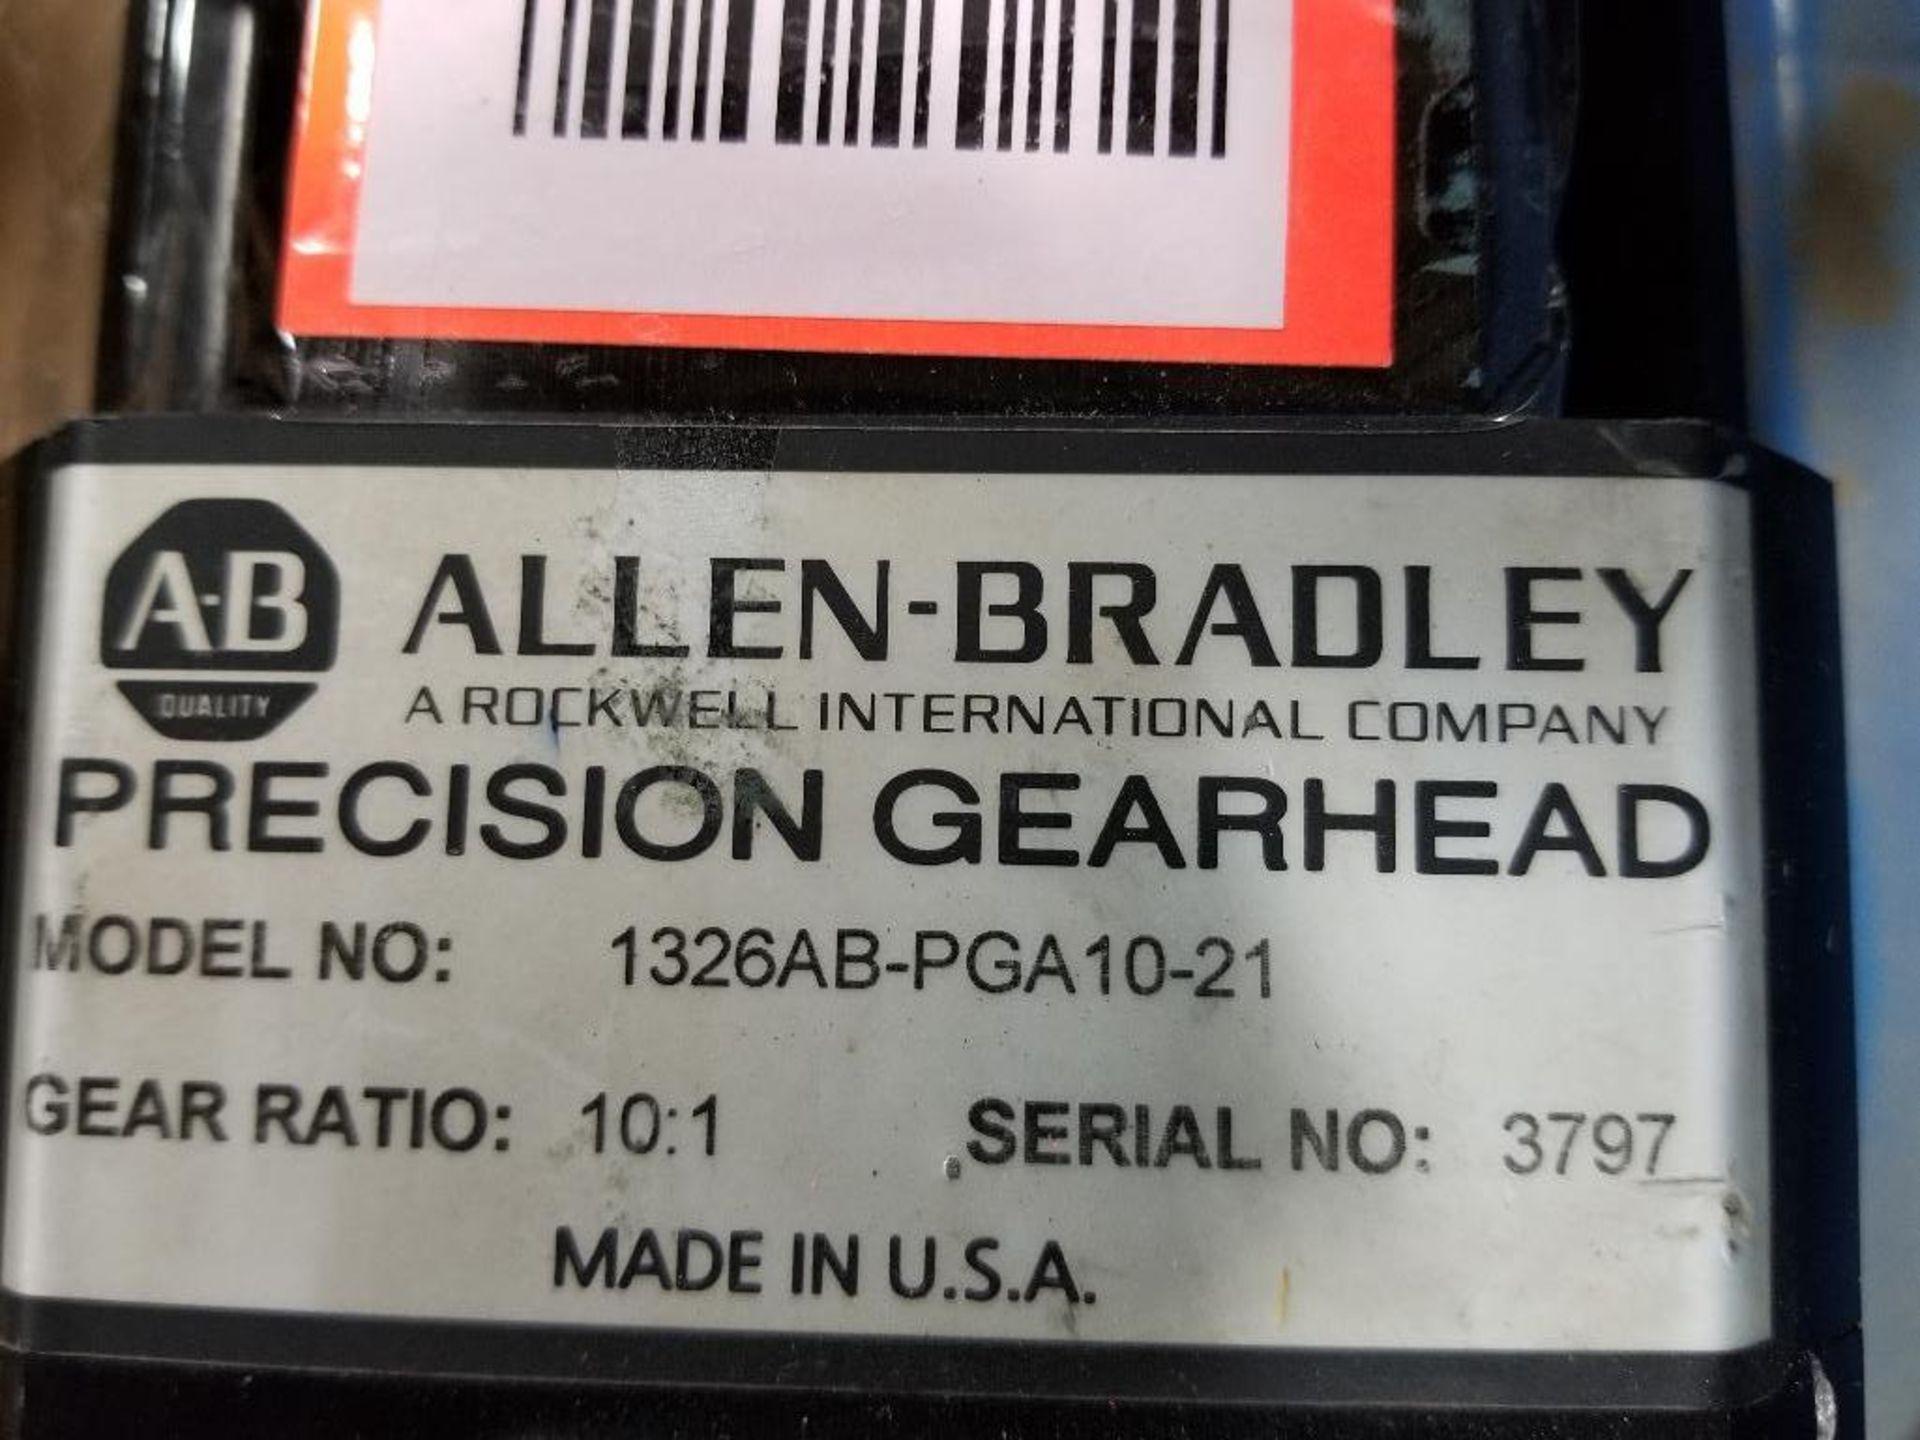 Allen Bradley 1326AB-PGA10-21 Precision Gearhead. 10:1-Raito, Made in USA. - Image 2 of 4